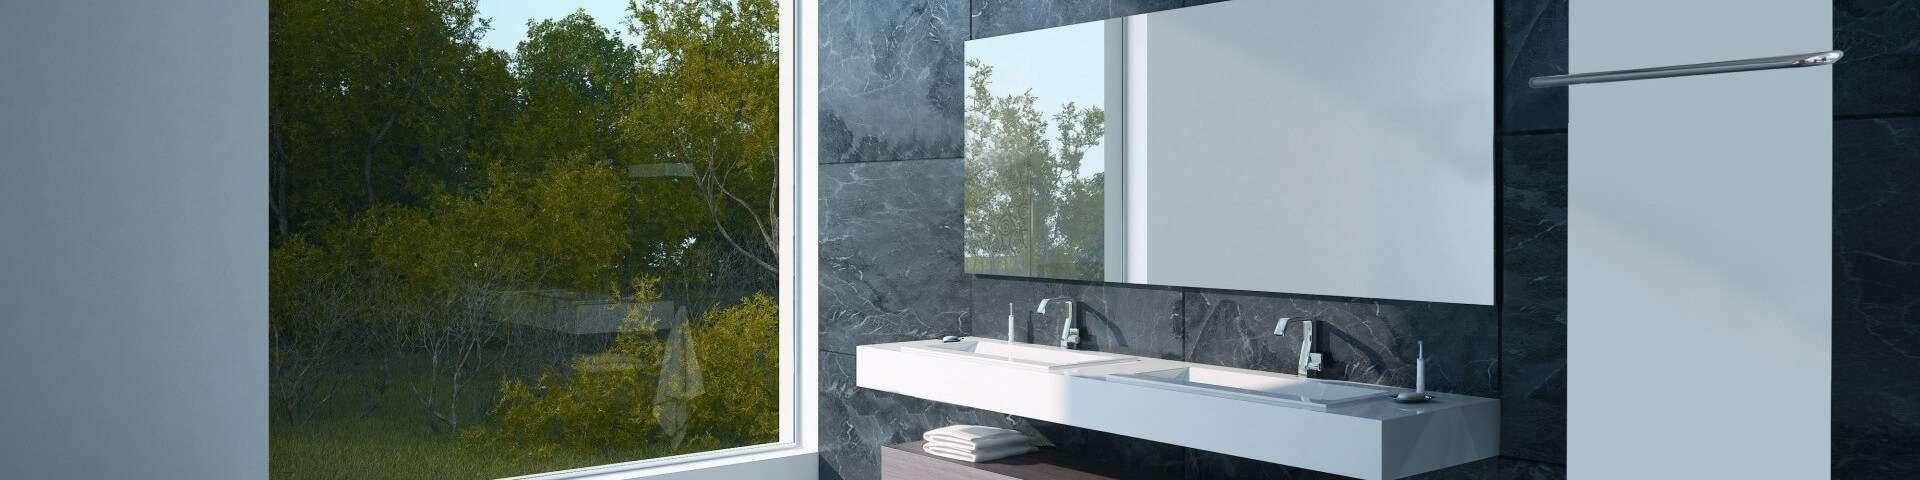 badkamer met infrarood paneel